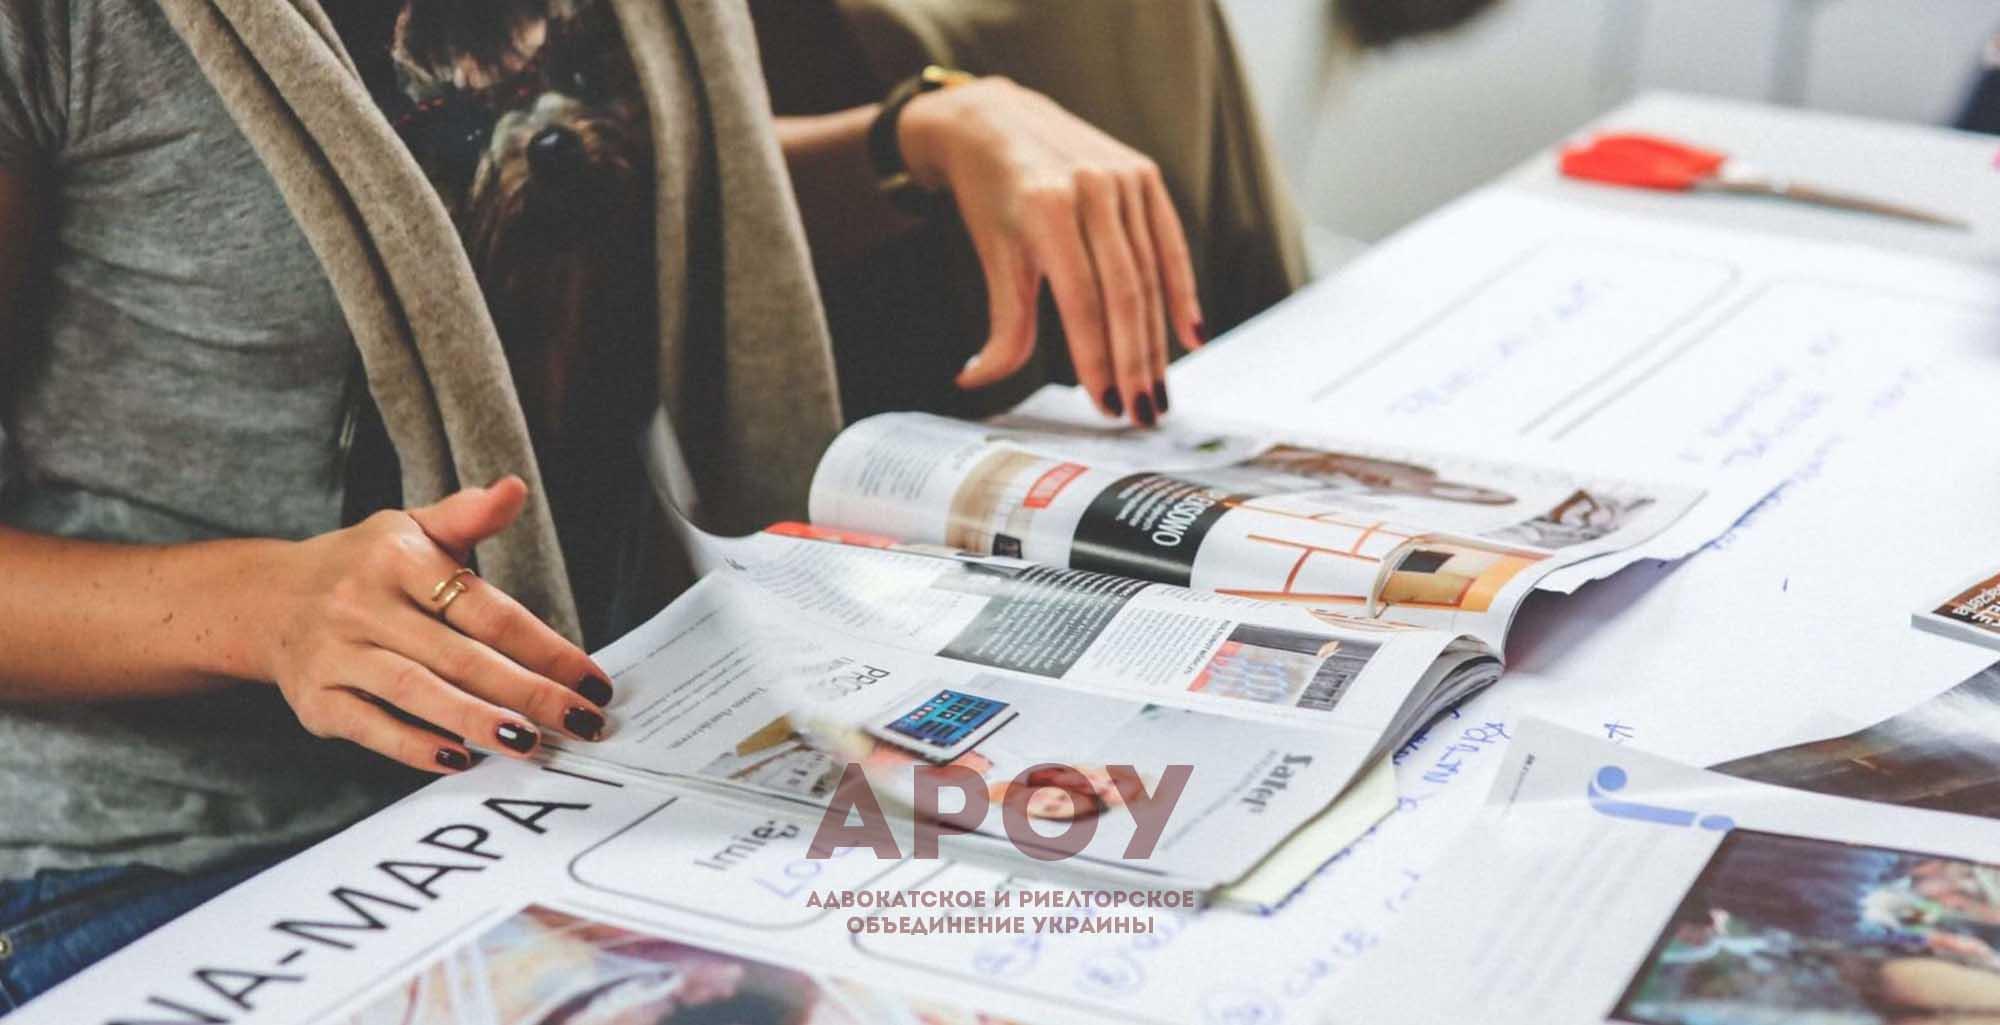 регистрация газеты и журнала в Киеве и Украине, регистрация печатного сми